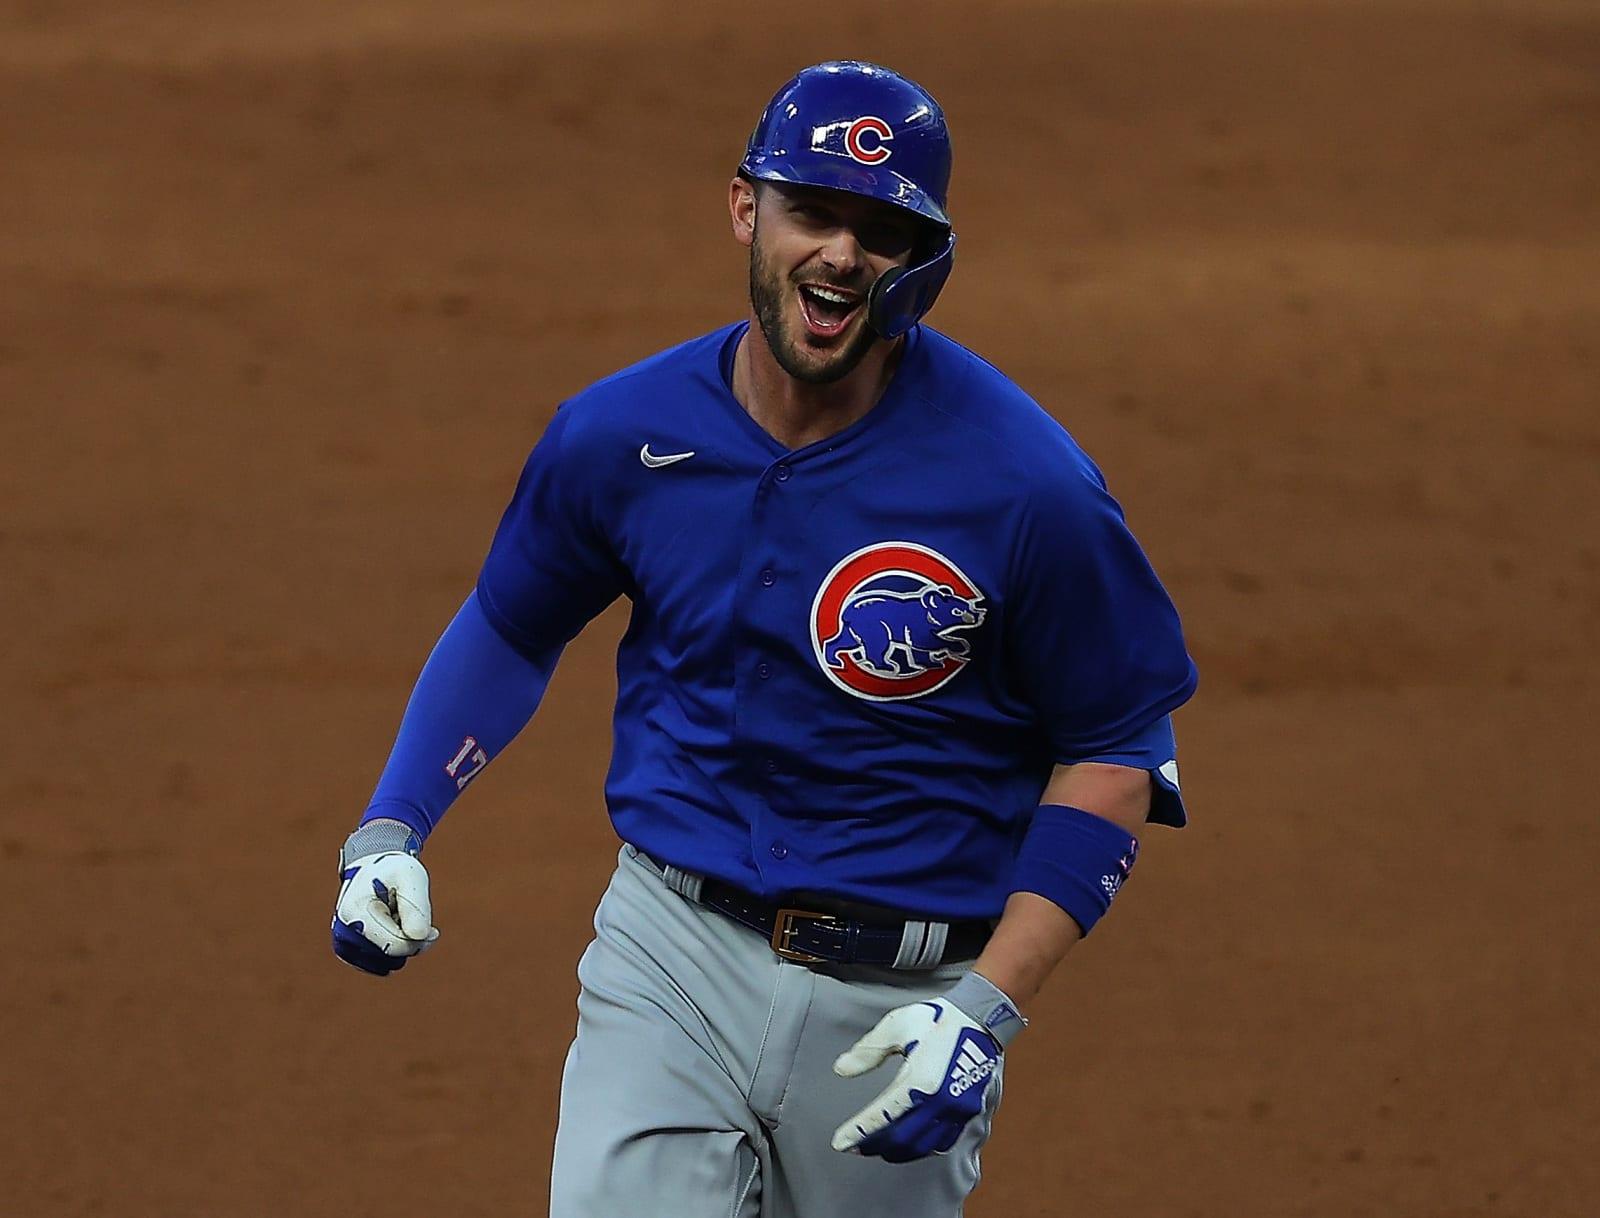 Cubs, Kris Bryant